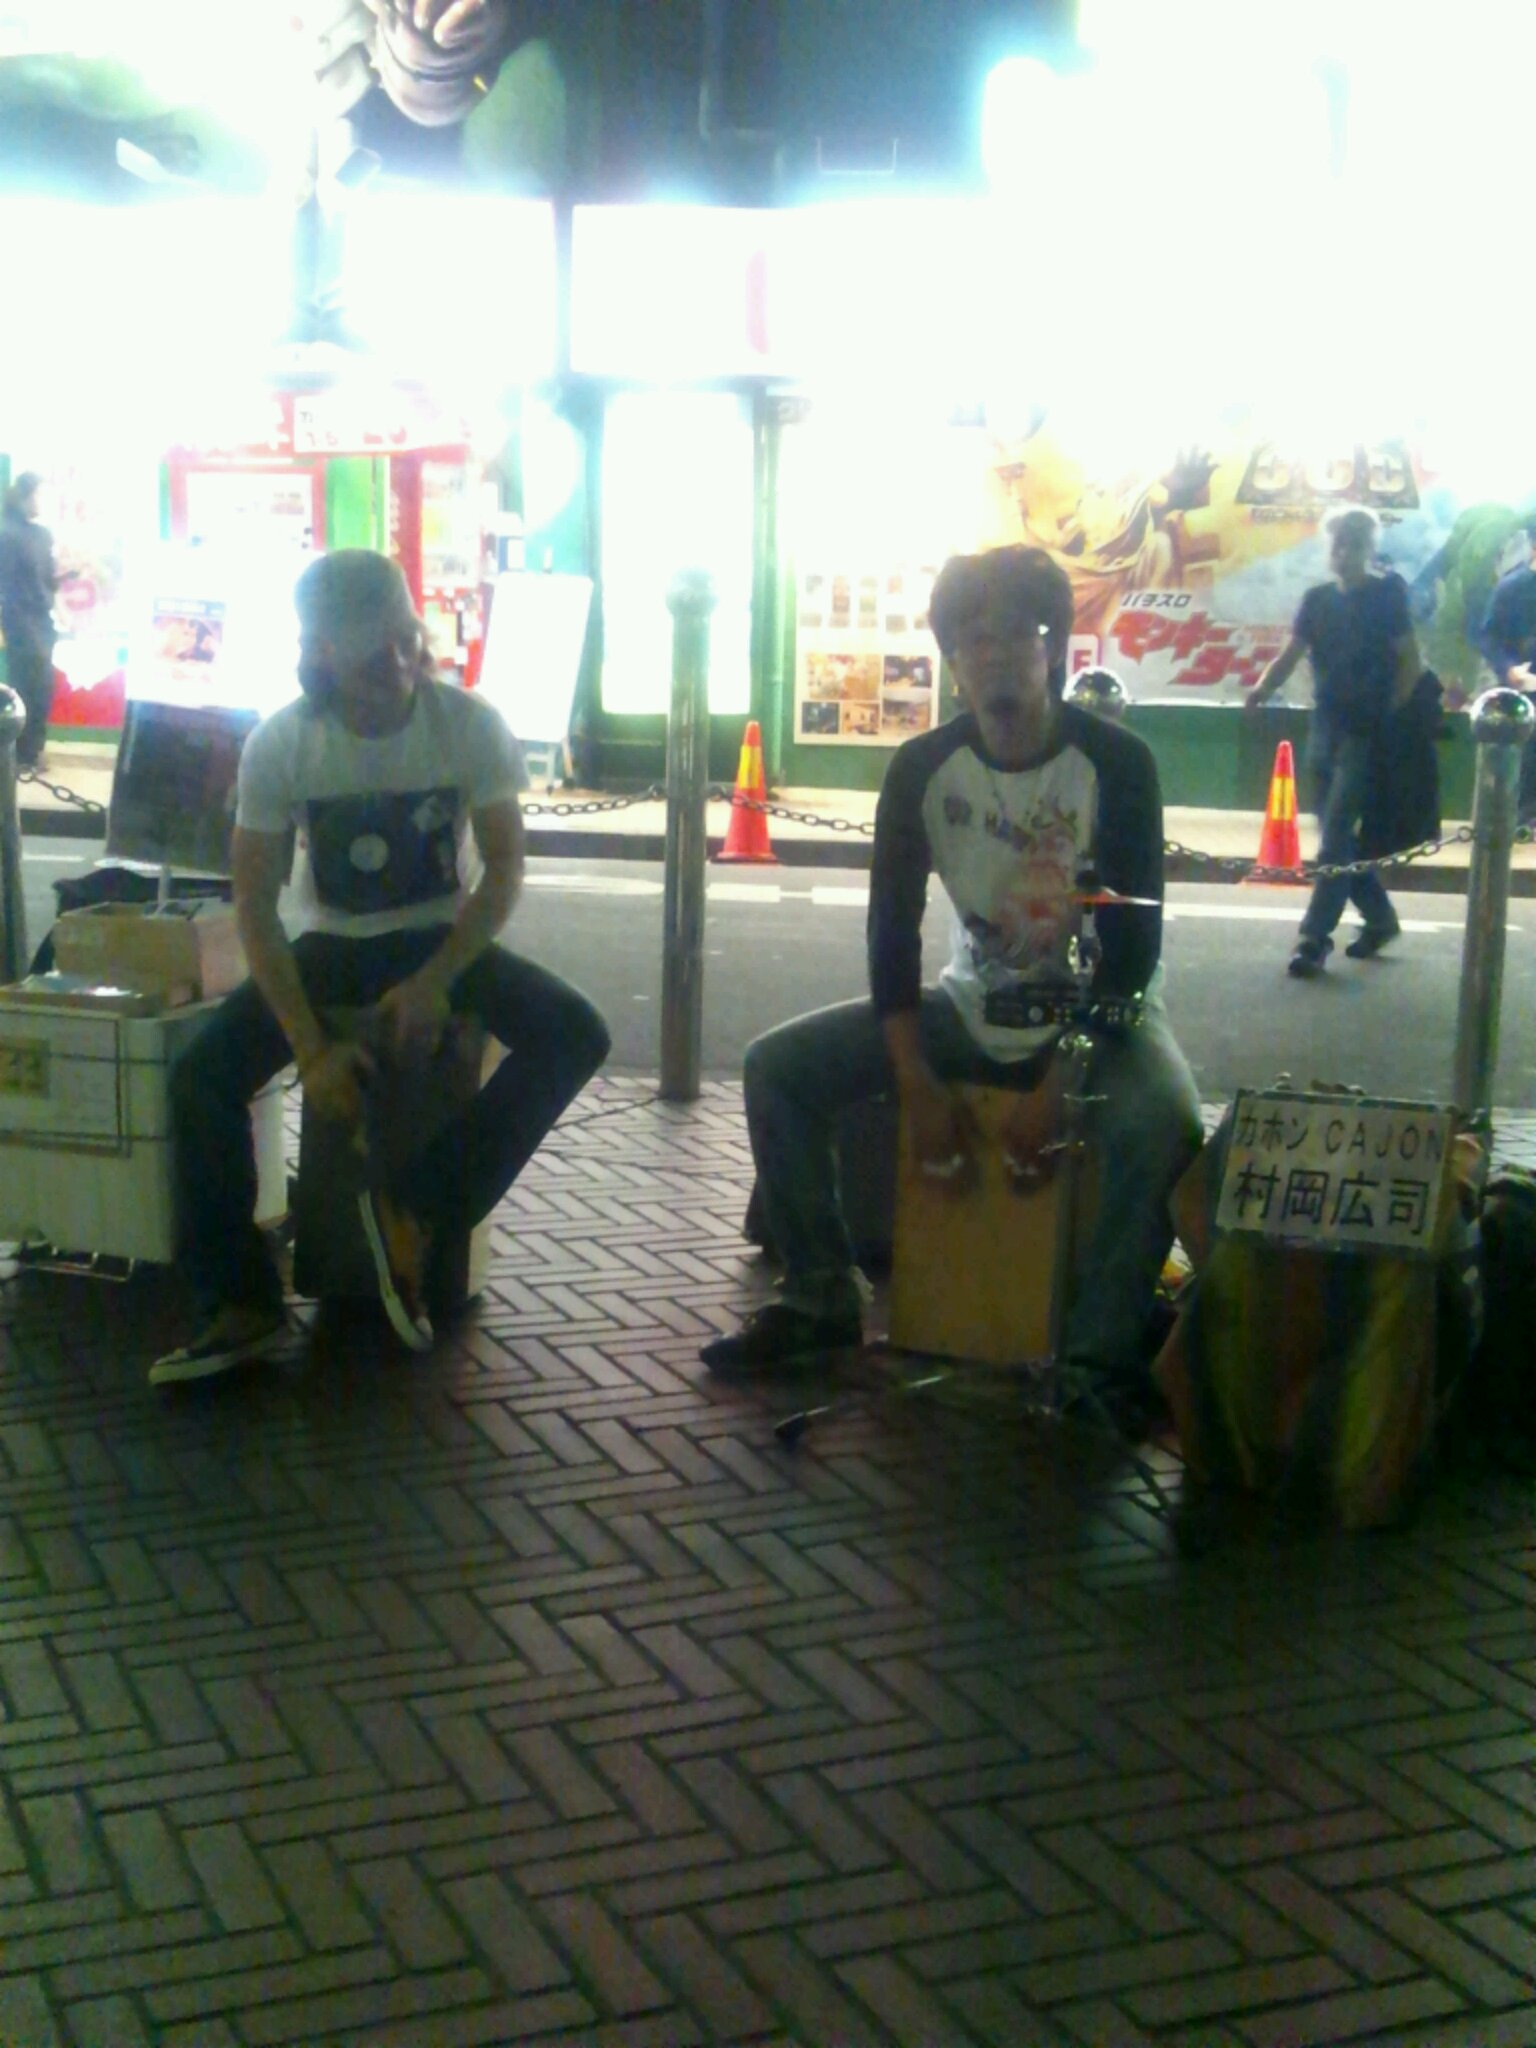 10/23「白熱!村岡さんとカホンバトル!?@新宿ストリート♪」。